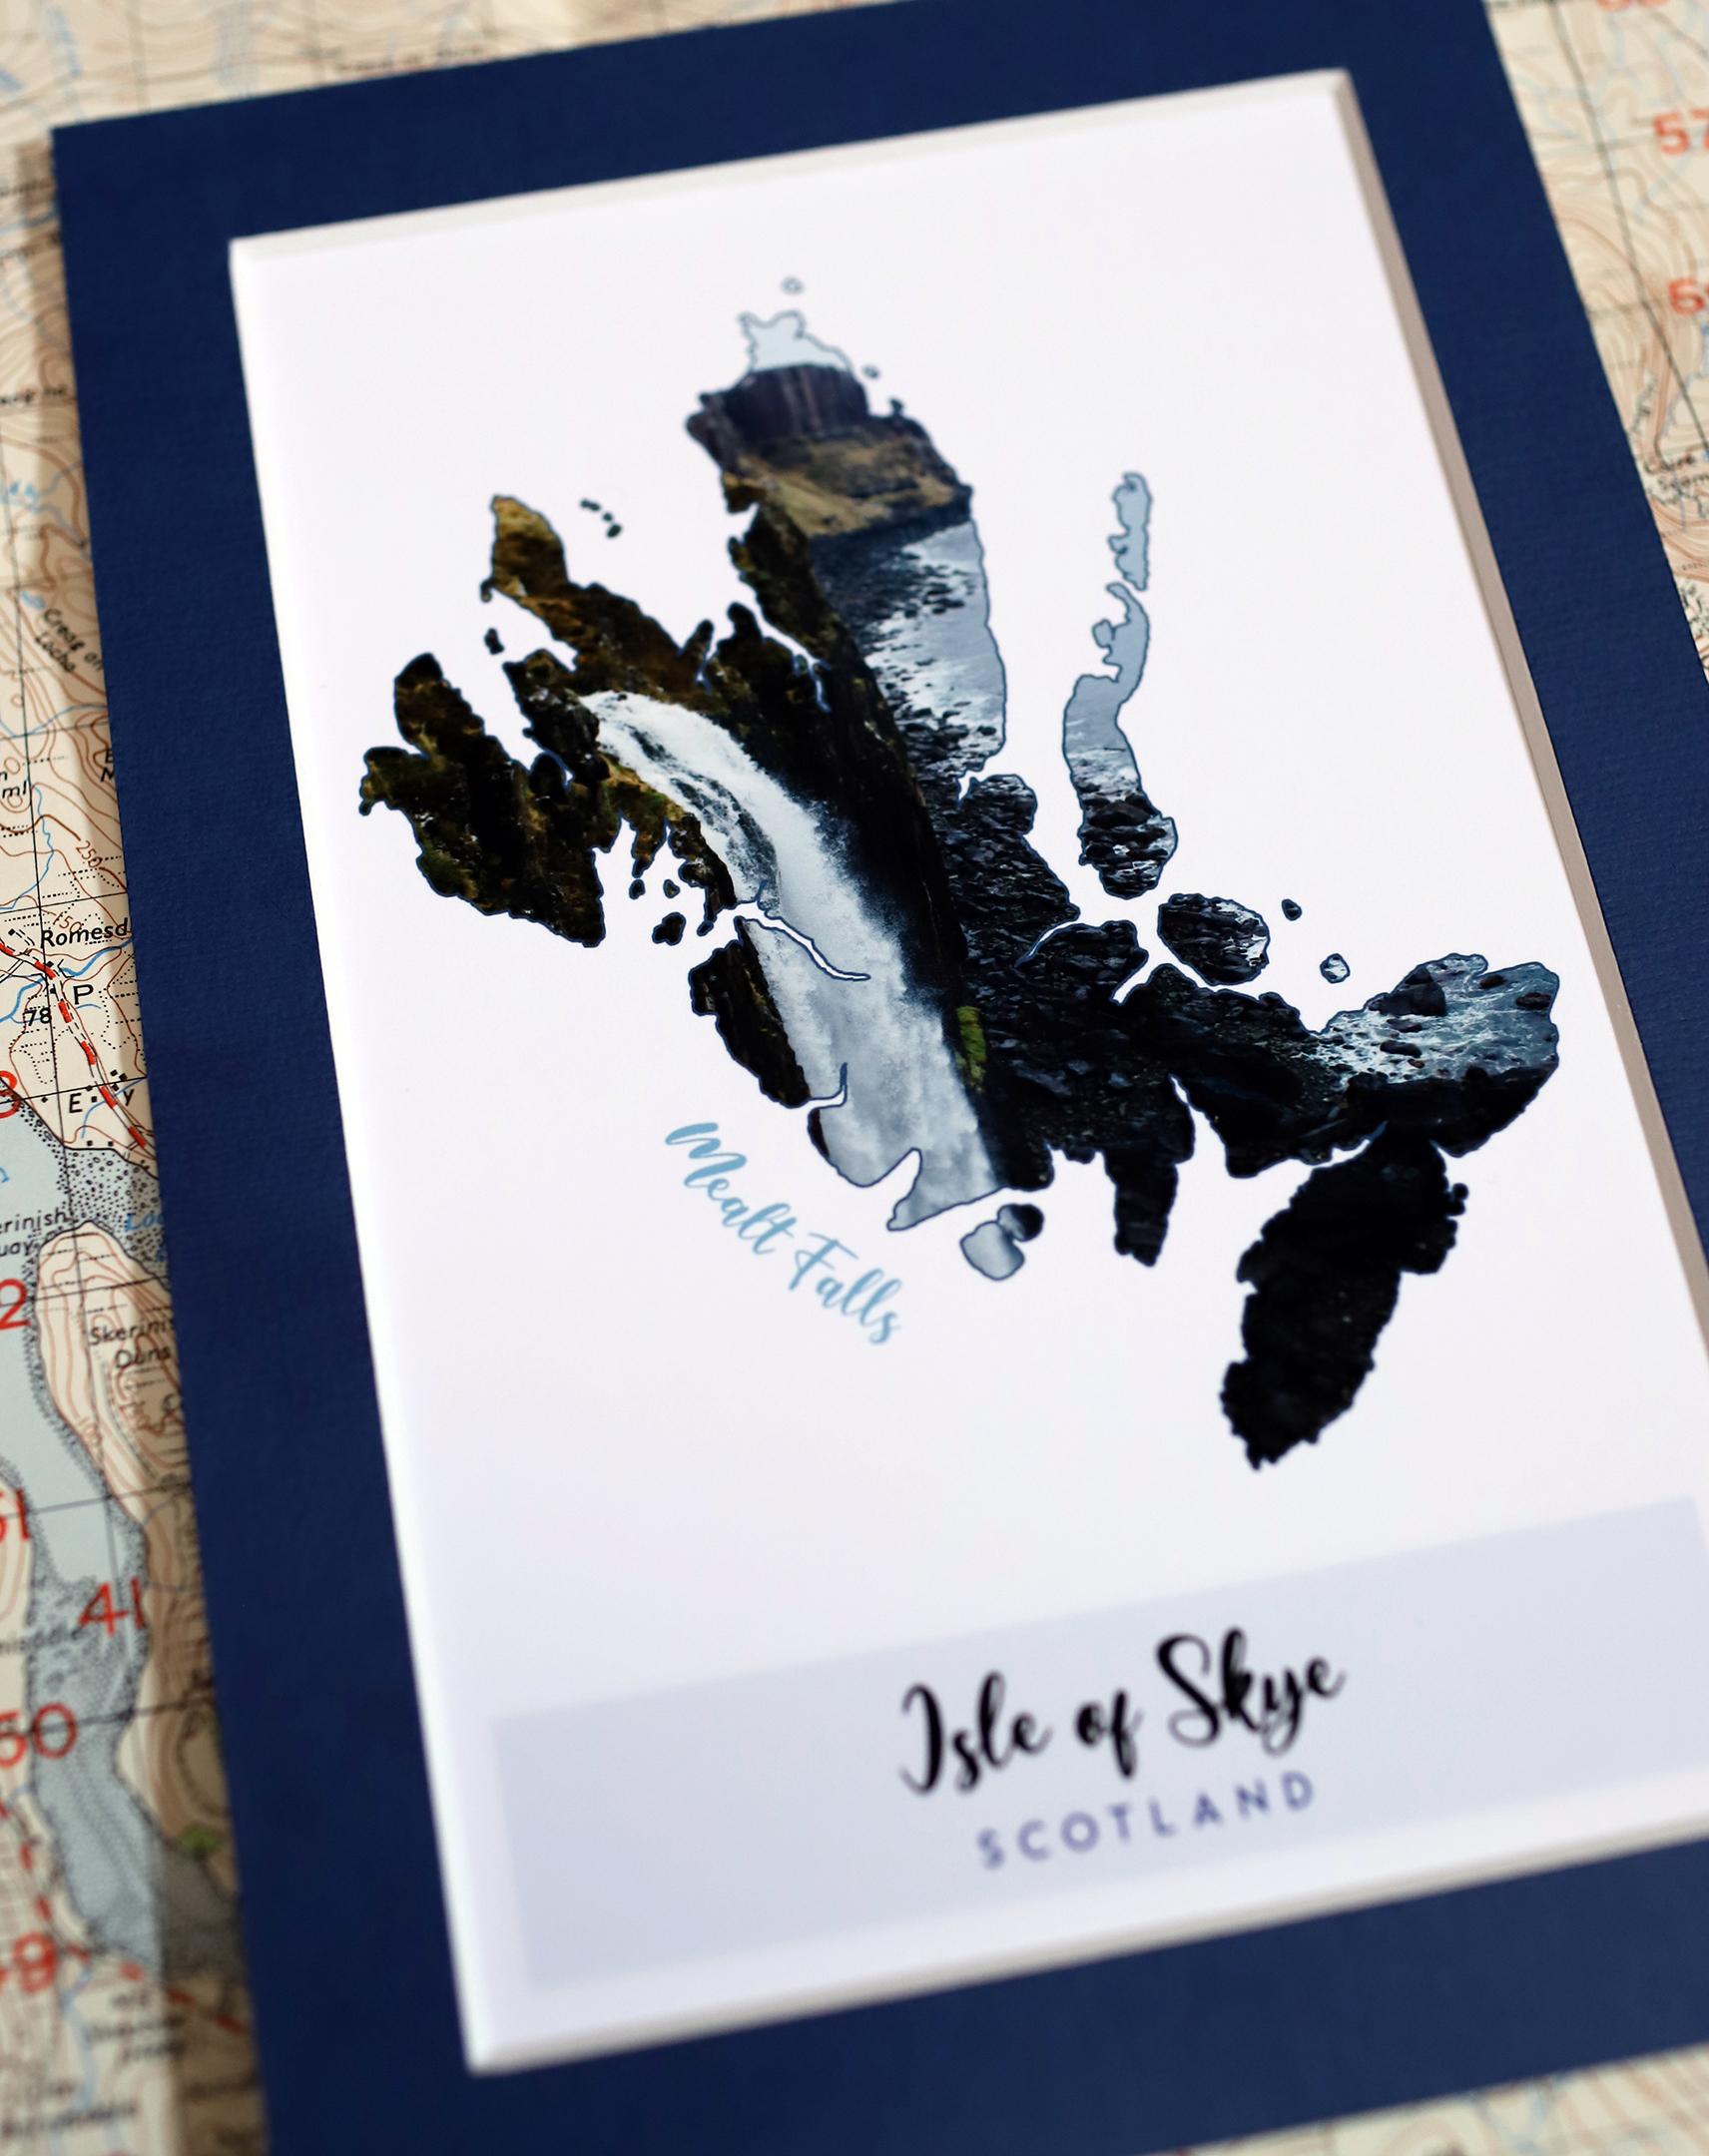 Skye Map_Photos_004.jpg